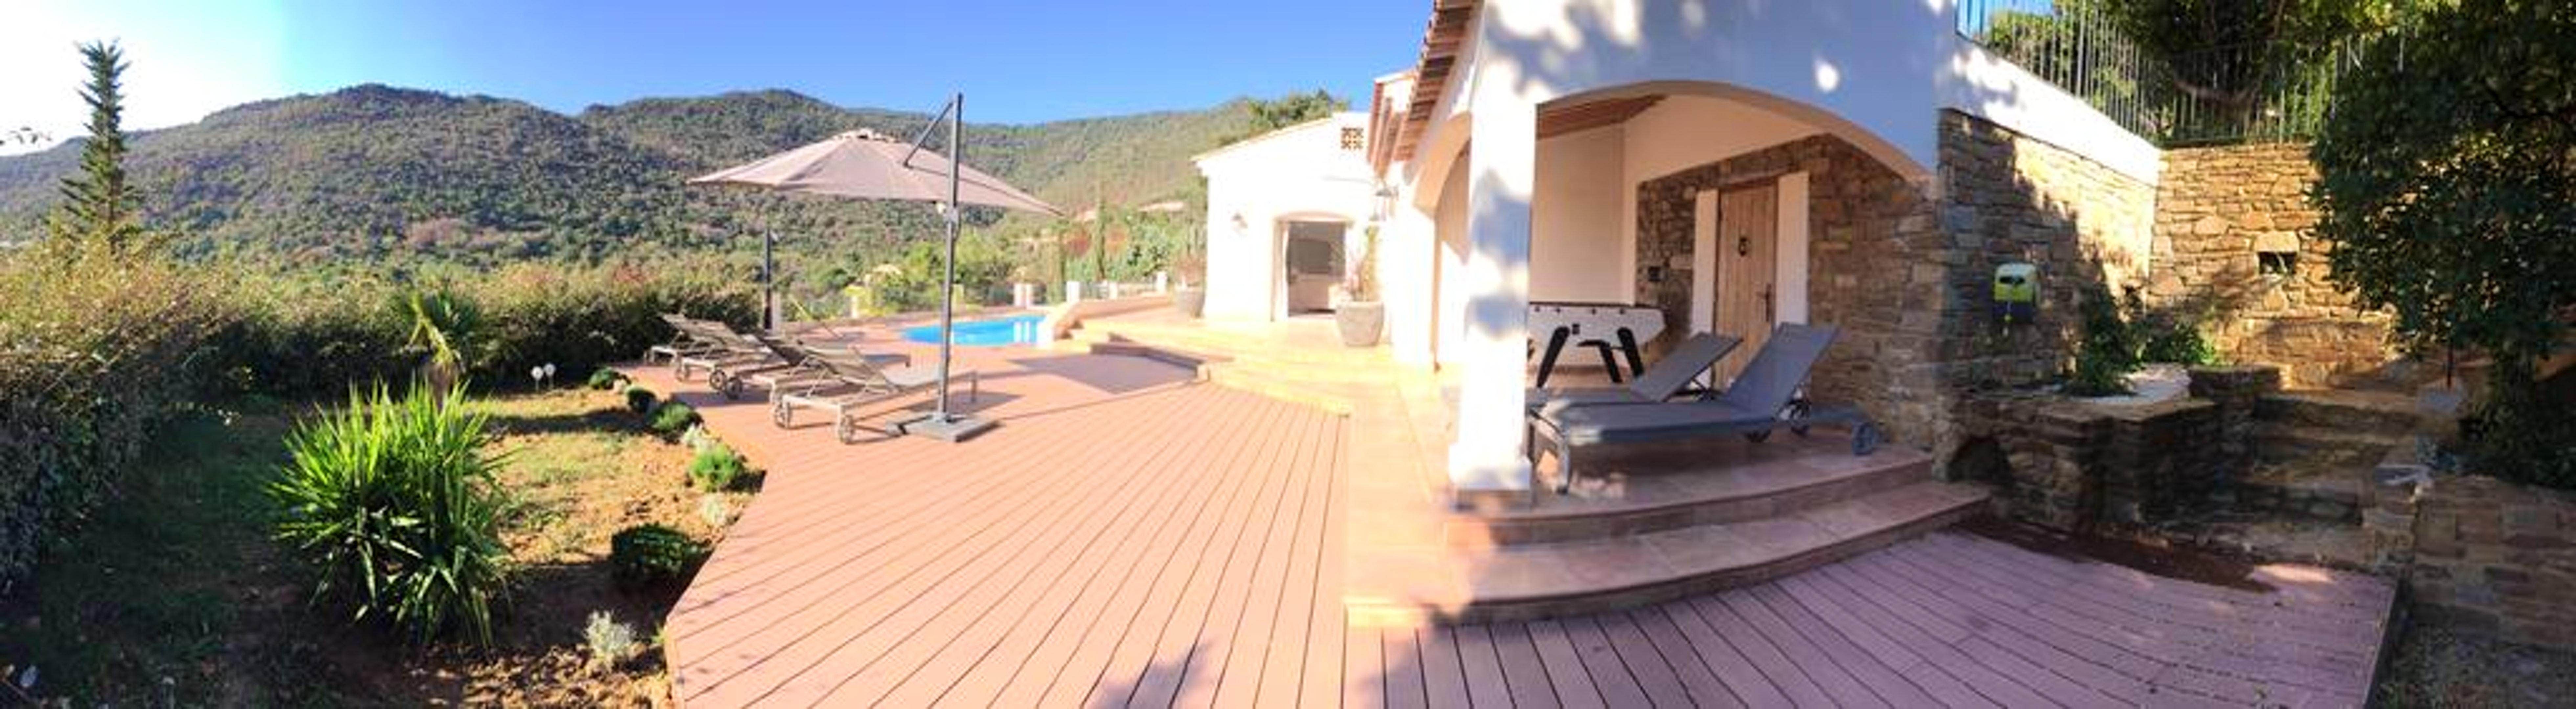 Maison de vacances Villa mit 5 Schlafzimmern in Rayol-Canadel-sur-Mer mit toller Aussicht auf die Berge, priv (2201555), Le Lavandou, Côte d'Azur, Provence - Alpes - Côte d'Azur, France, image 44